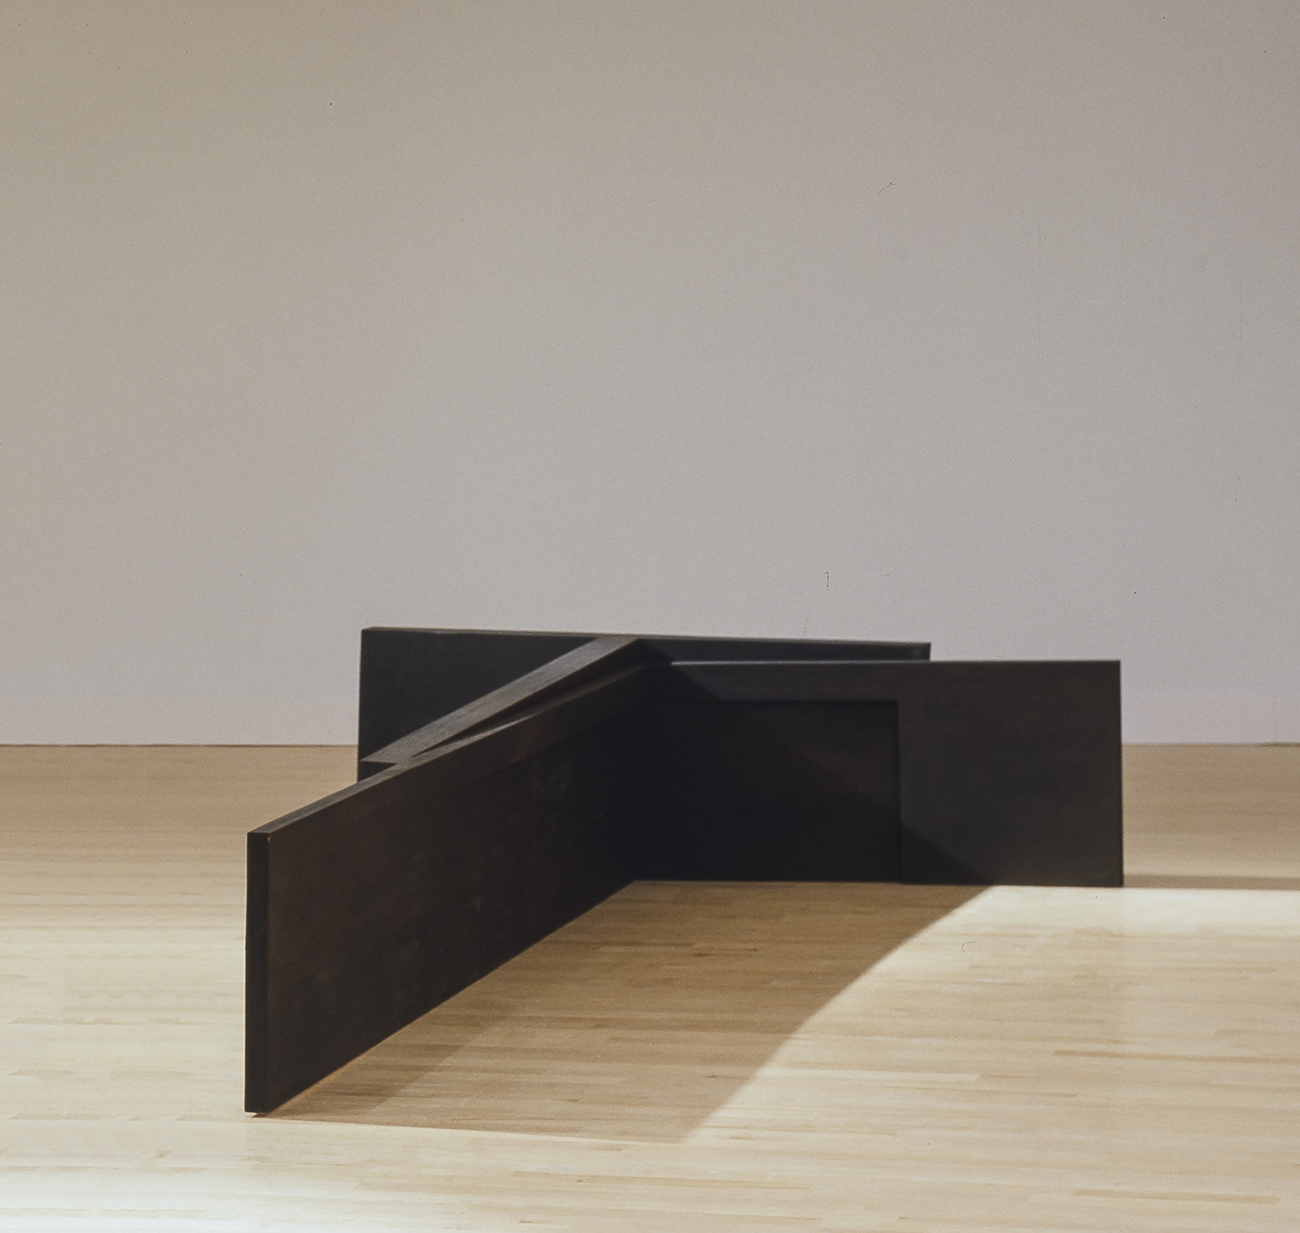 La part de l'ombre (1985 - 1986) - détail    Bois polychrome, 86.5 x 760 x 750 cm, collection du Musée national des beaux-arts du Québec